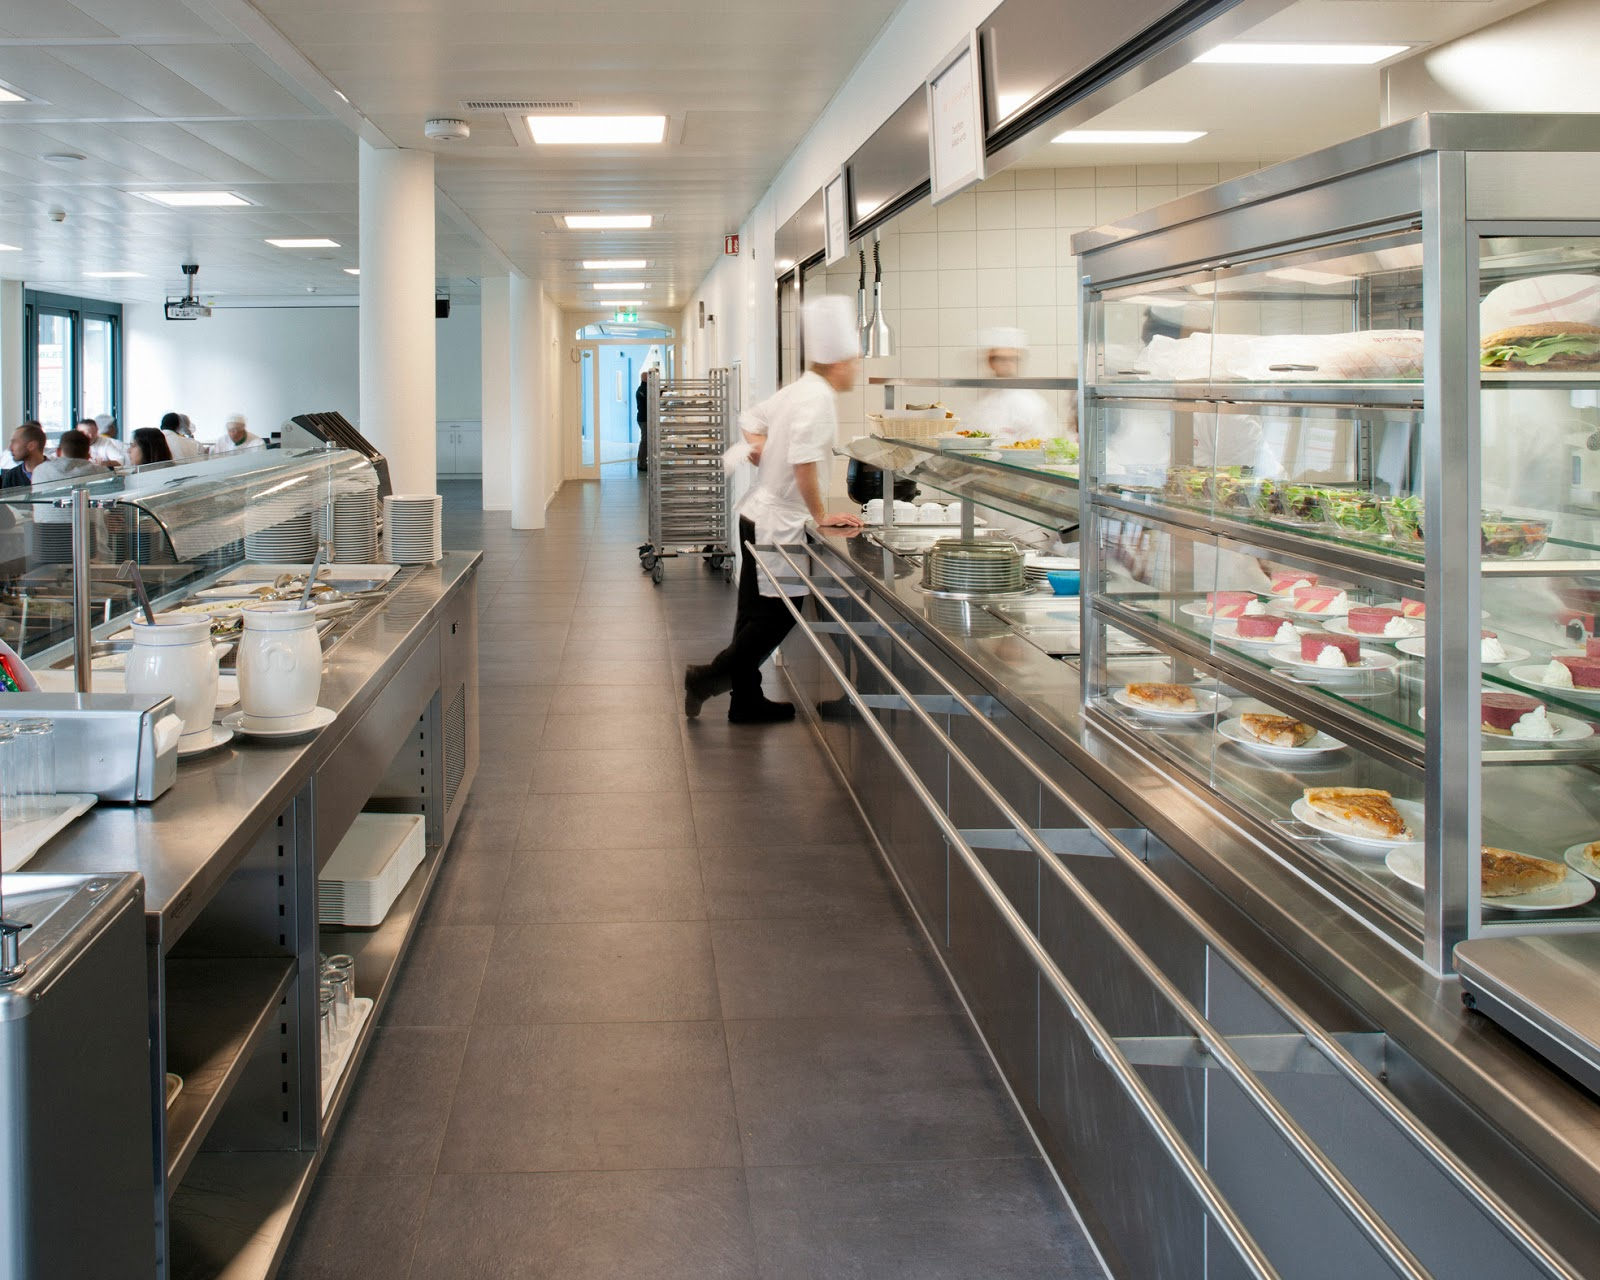 cuisine professionnelle et refectoire _ rsarch | marta lopez de asiain - Amenagement Cuisine Professionnelle